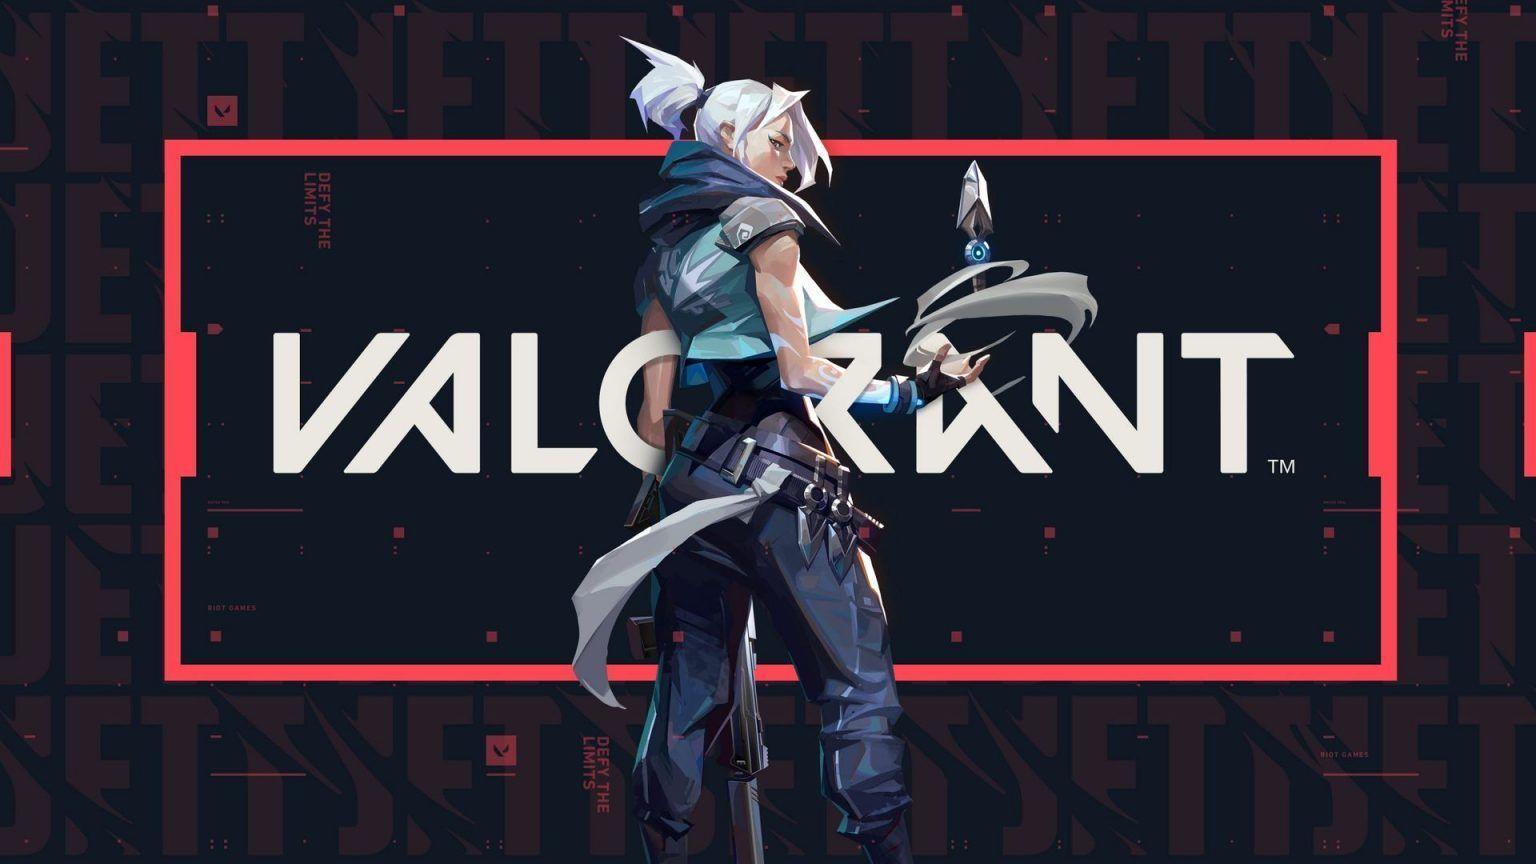 เกมพนันอีสปอร์ต VALORANT ออนไลน์